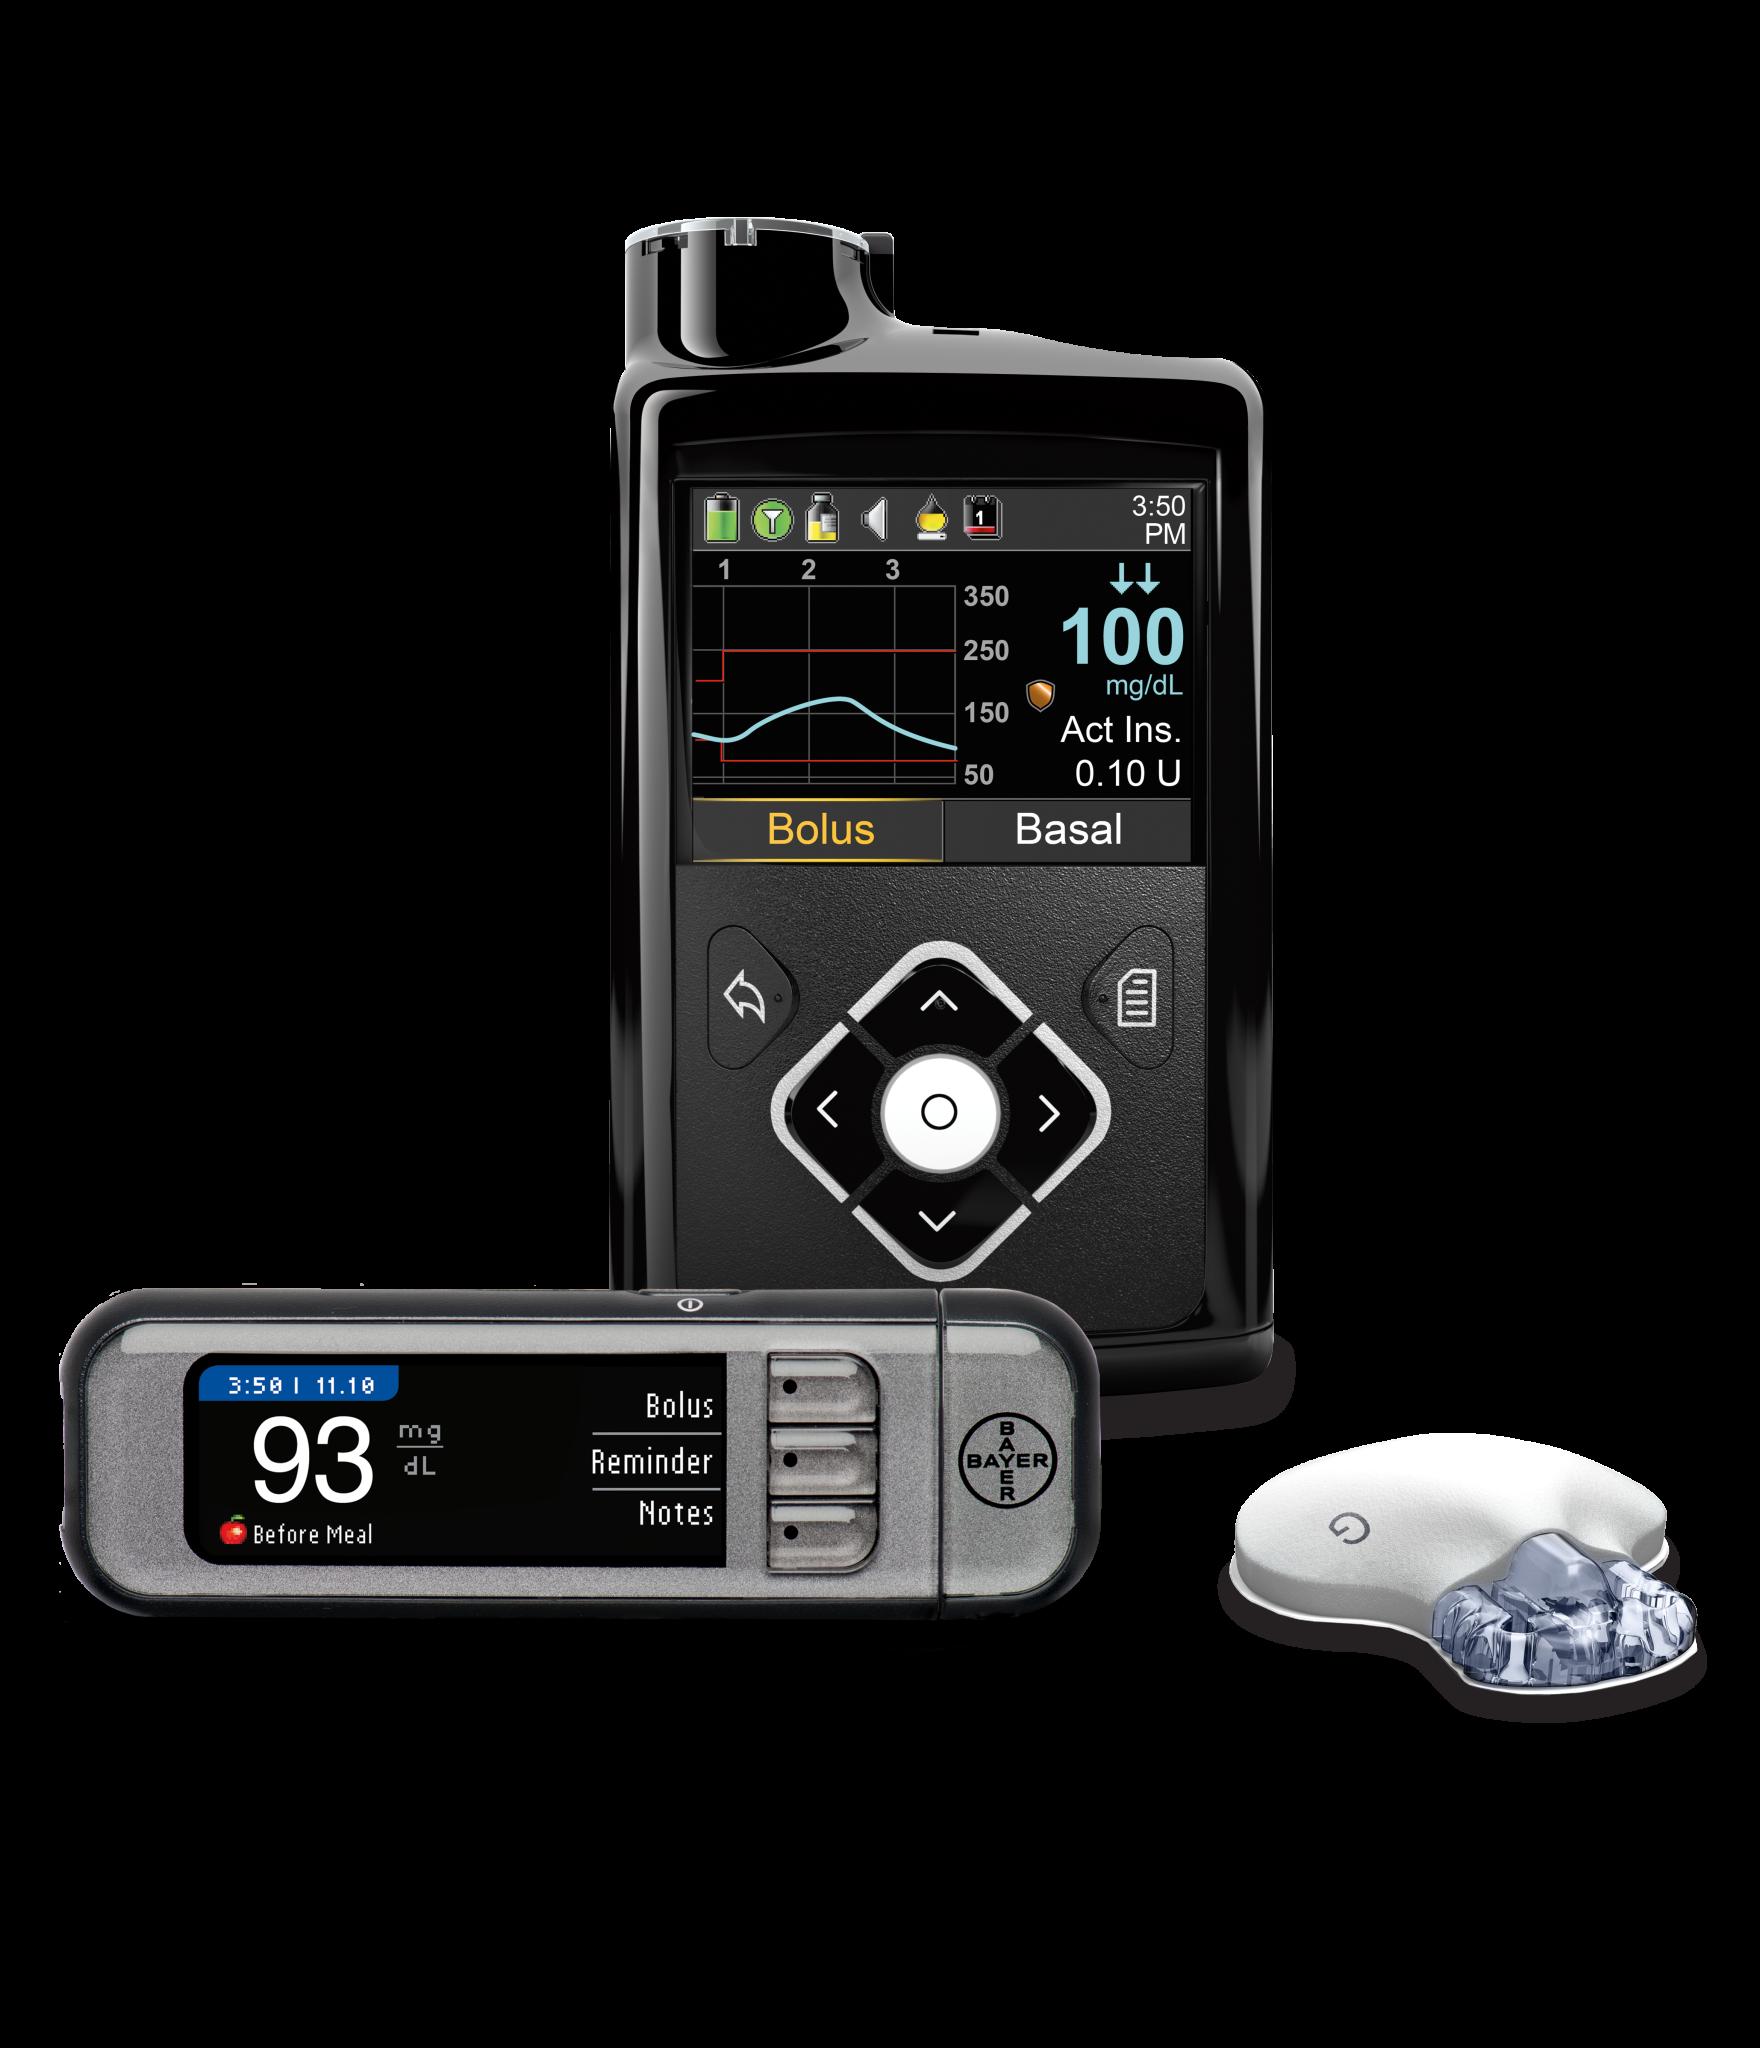 MiniMed® 630G System